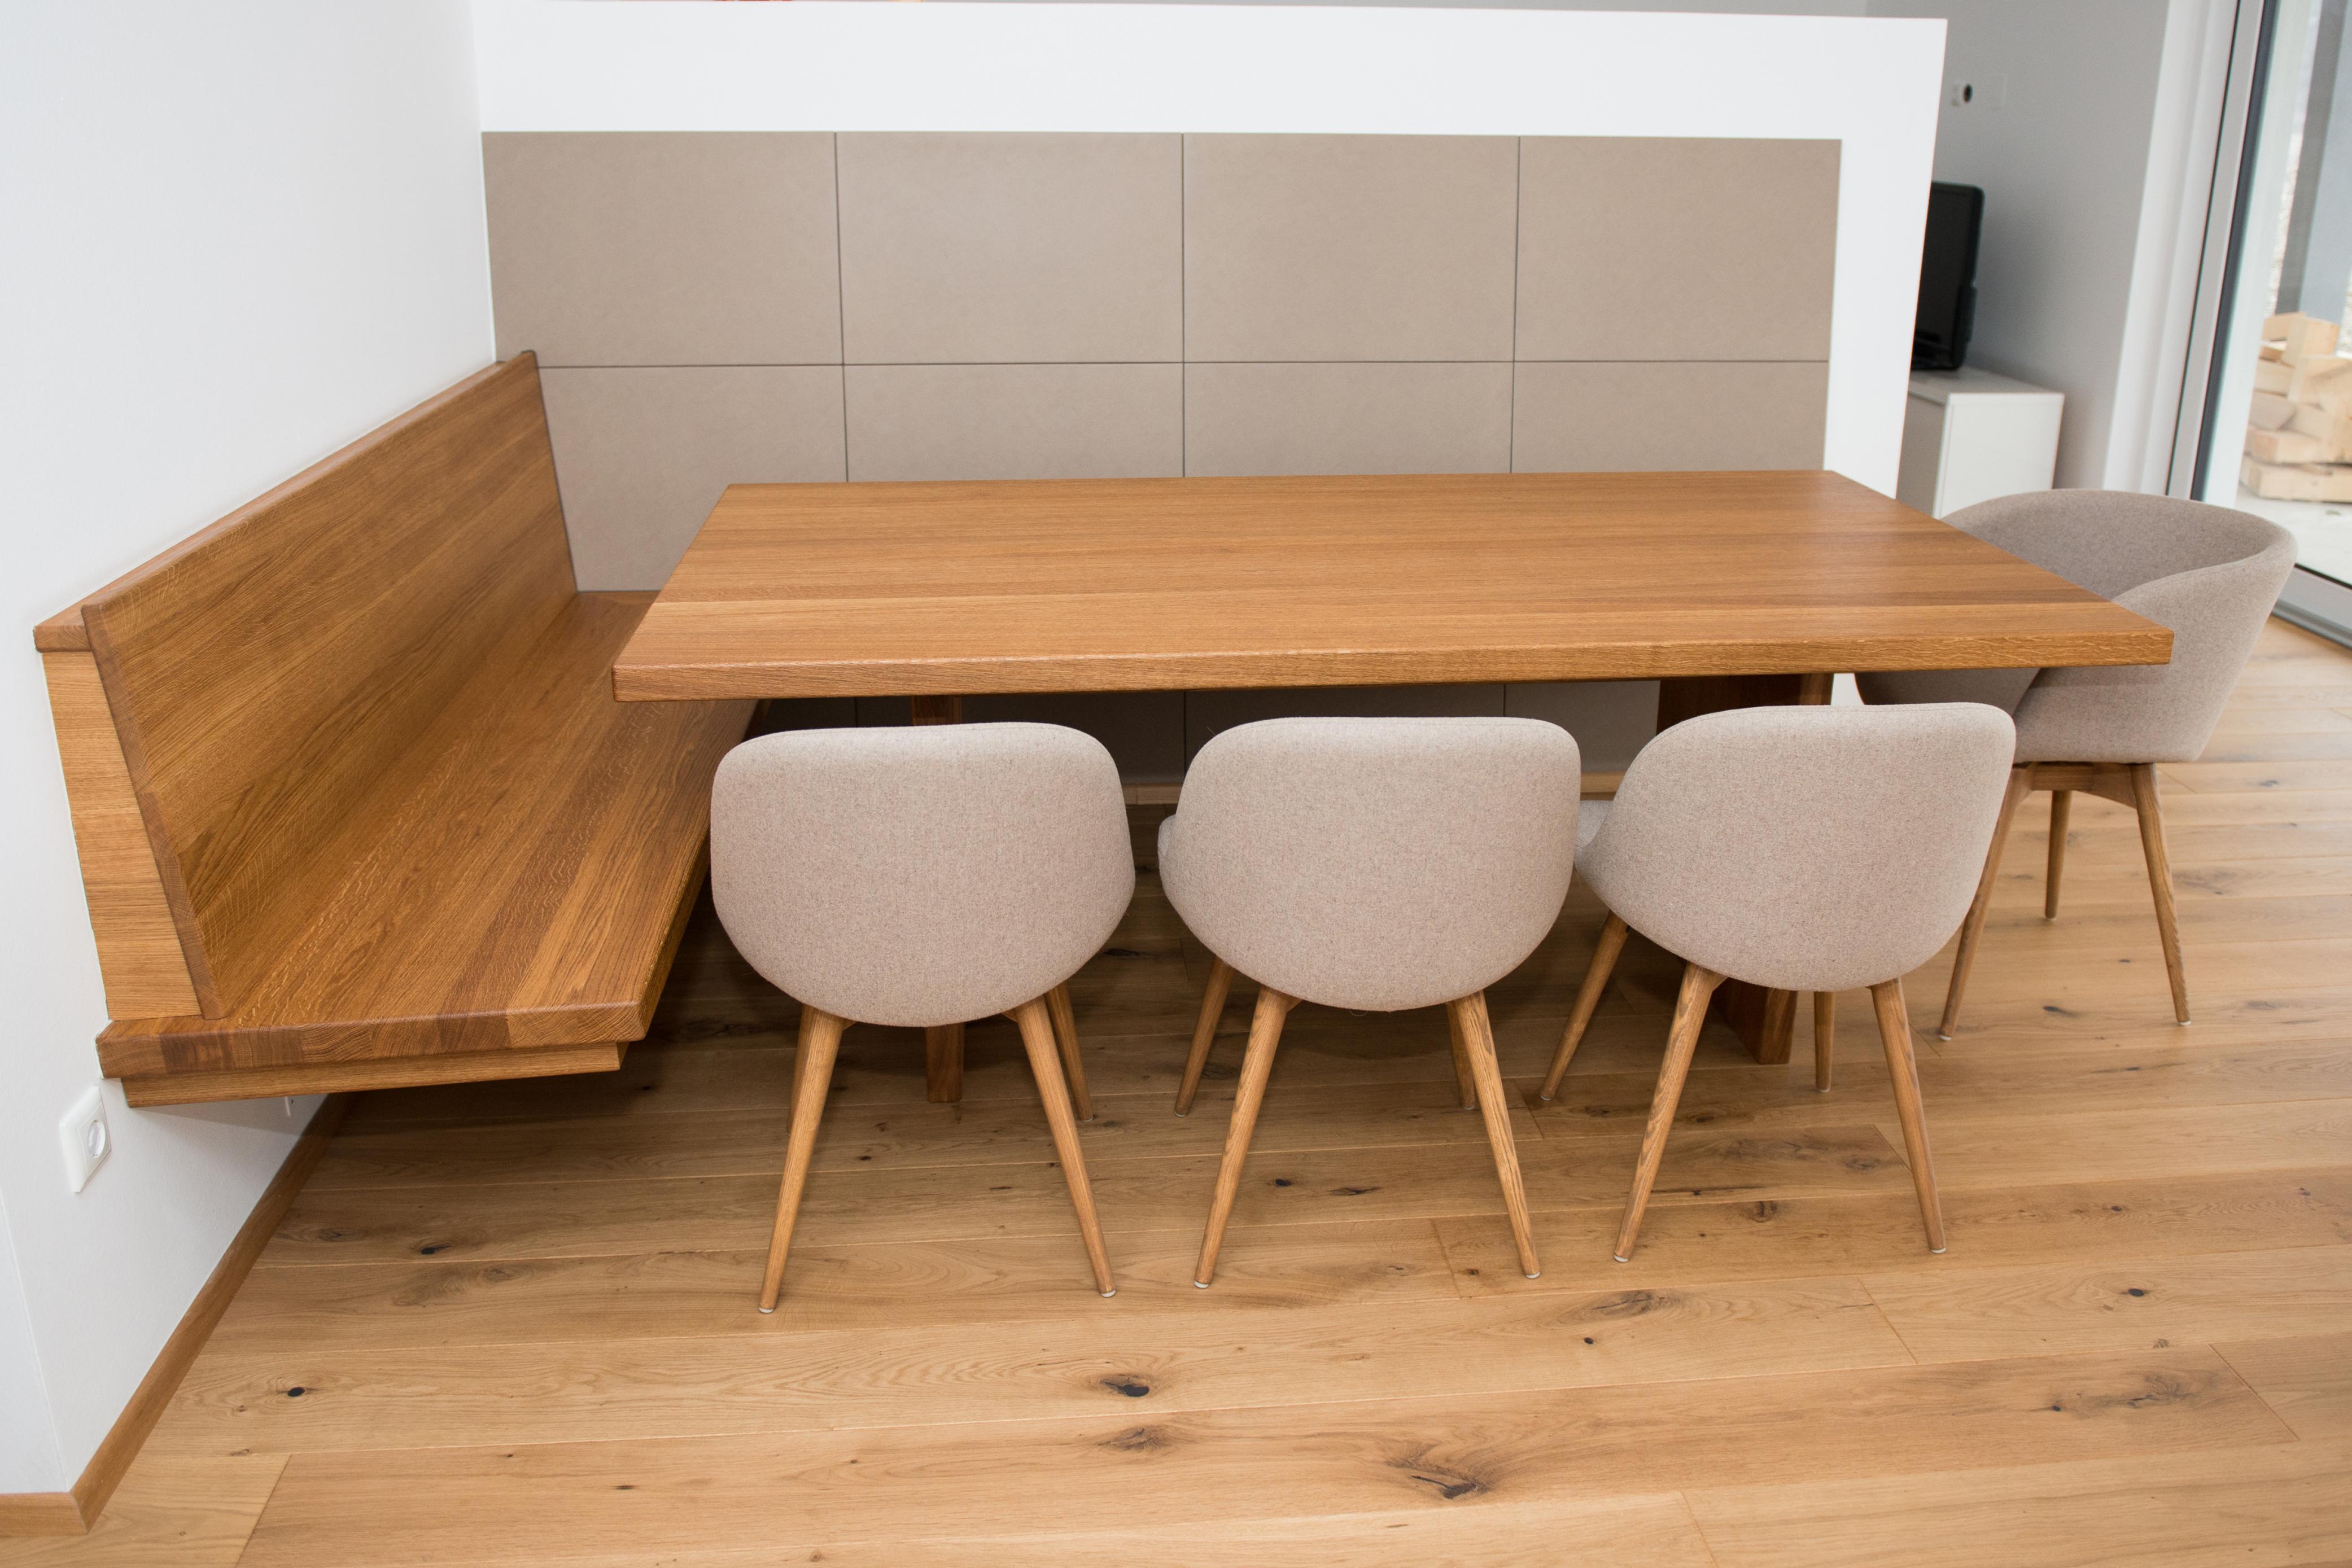 Möbel aus Zirbenholz, Tischler Manfred Strantz, Burgenland